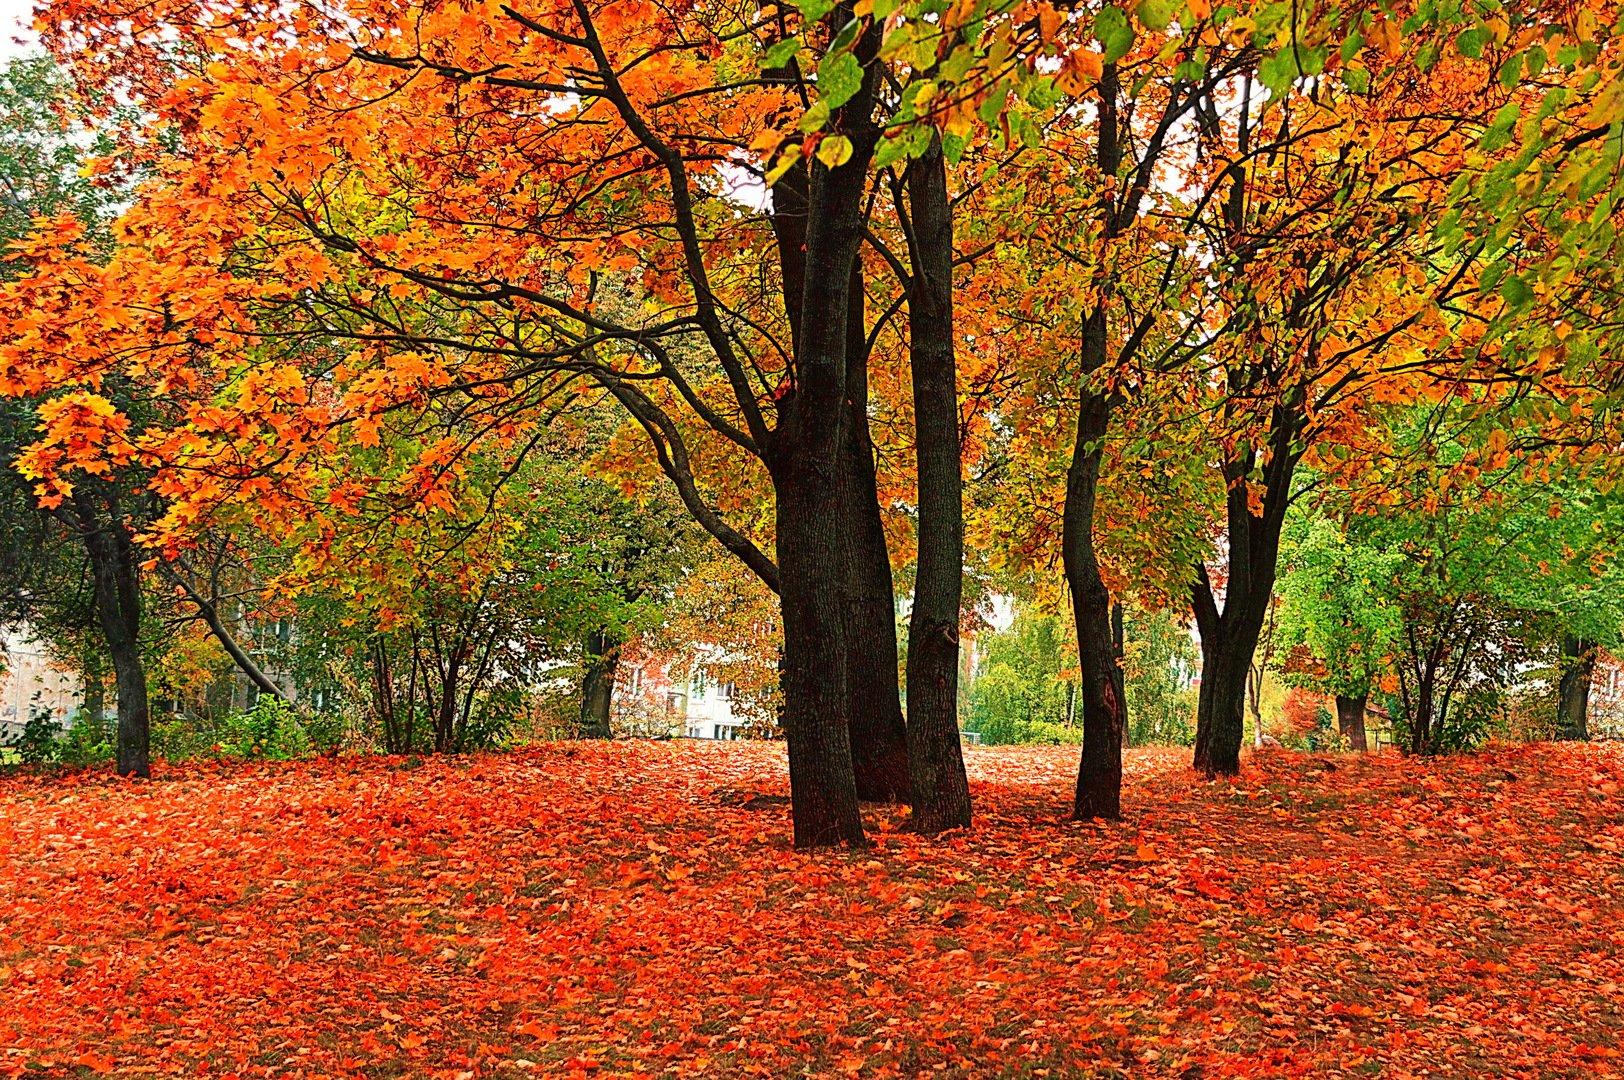 Осень пришла картинки красивые, открыток элитные открытки